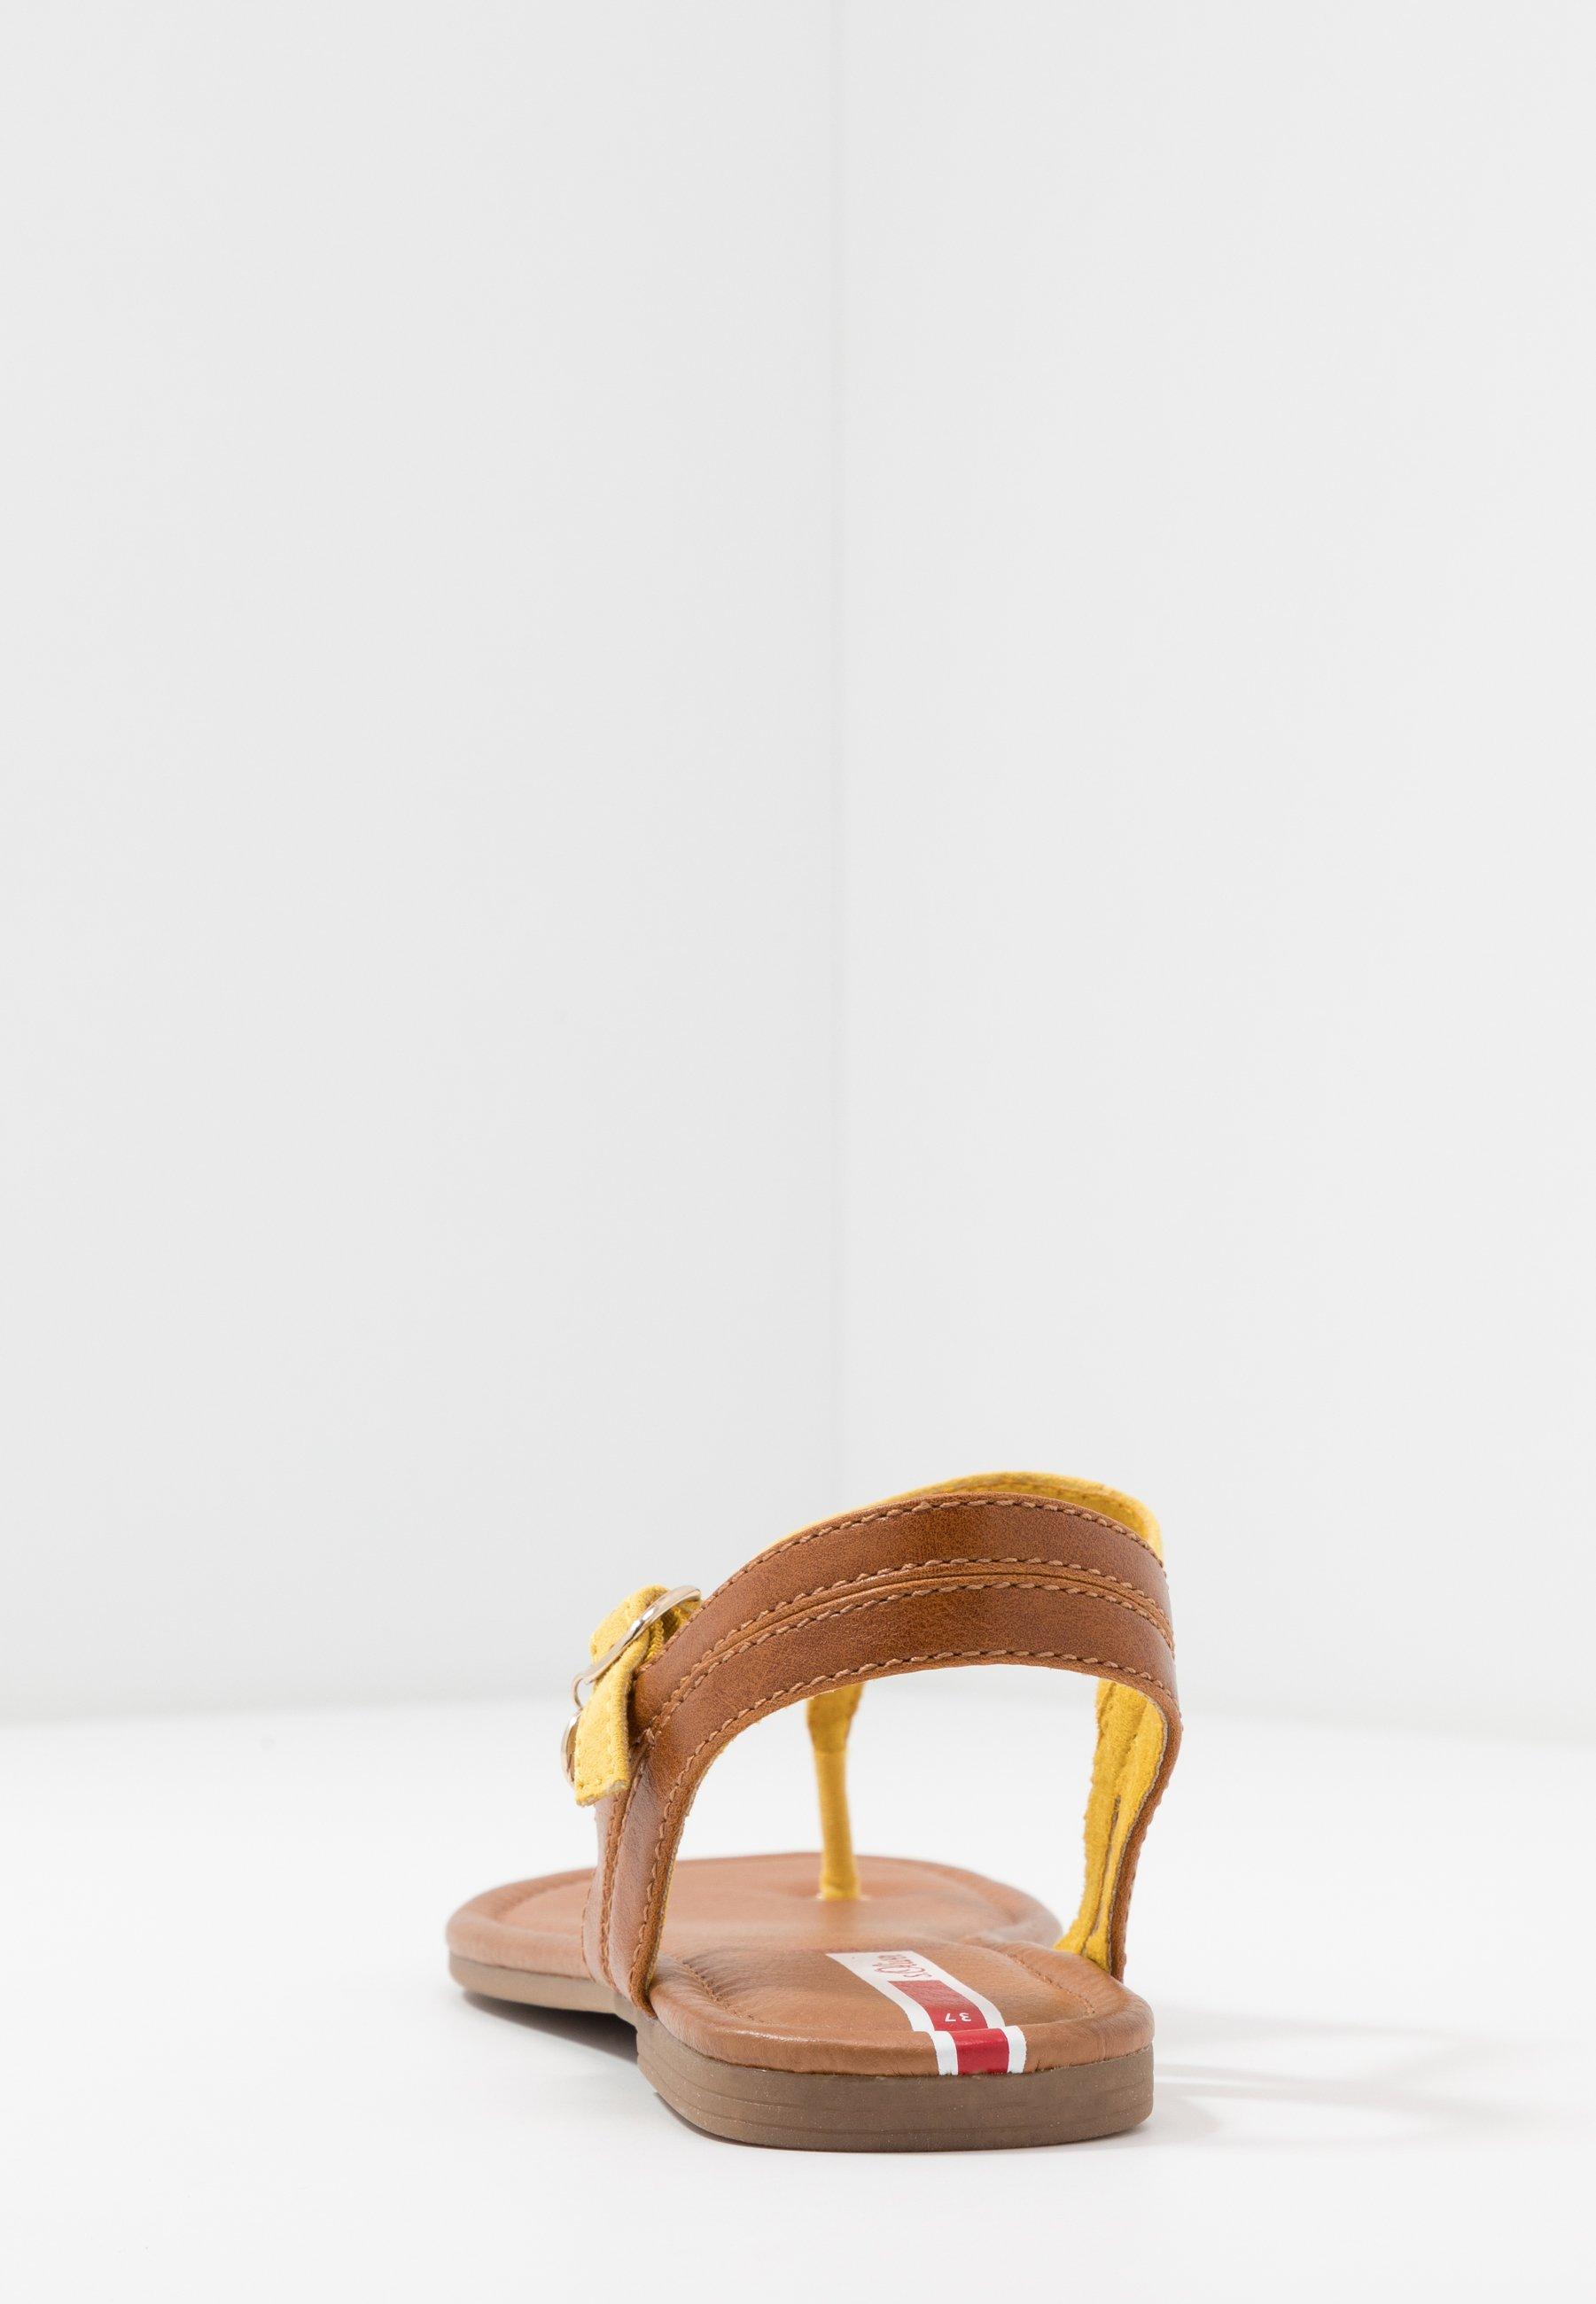 s.Oliver Japonki - yellow/cognac